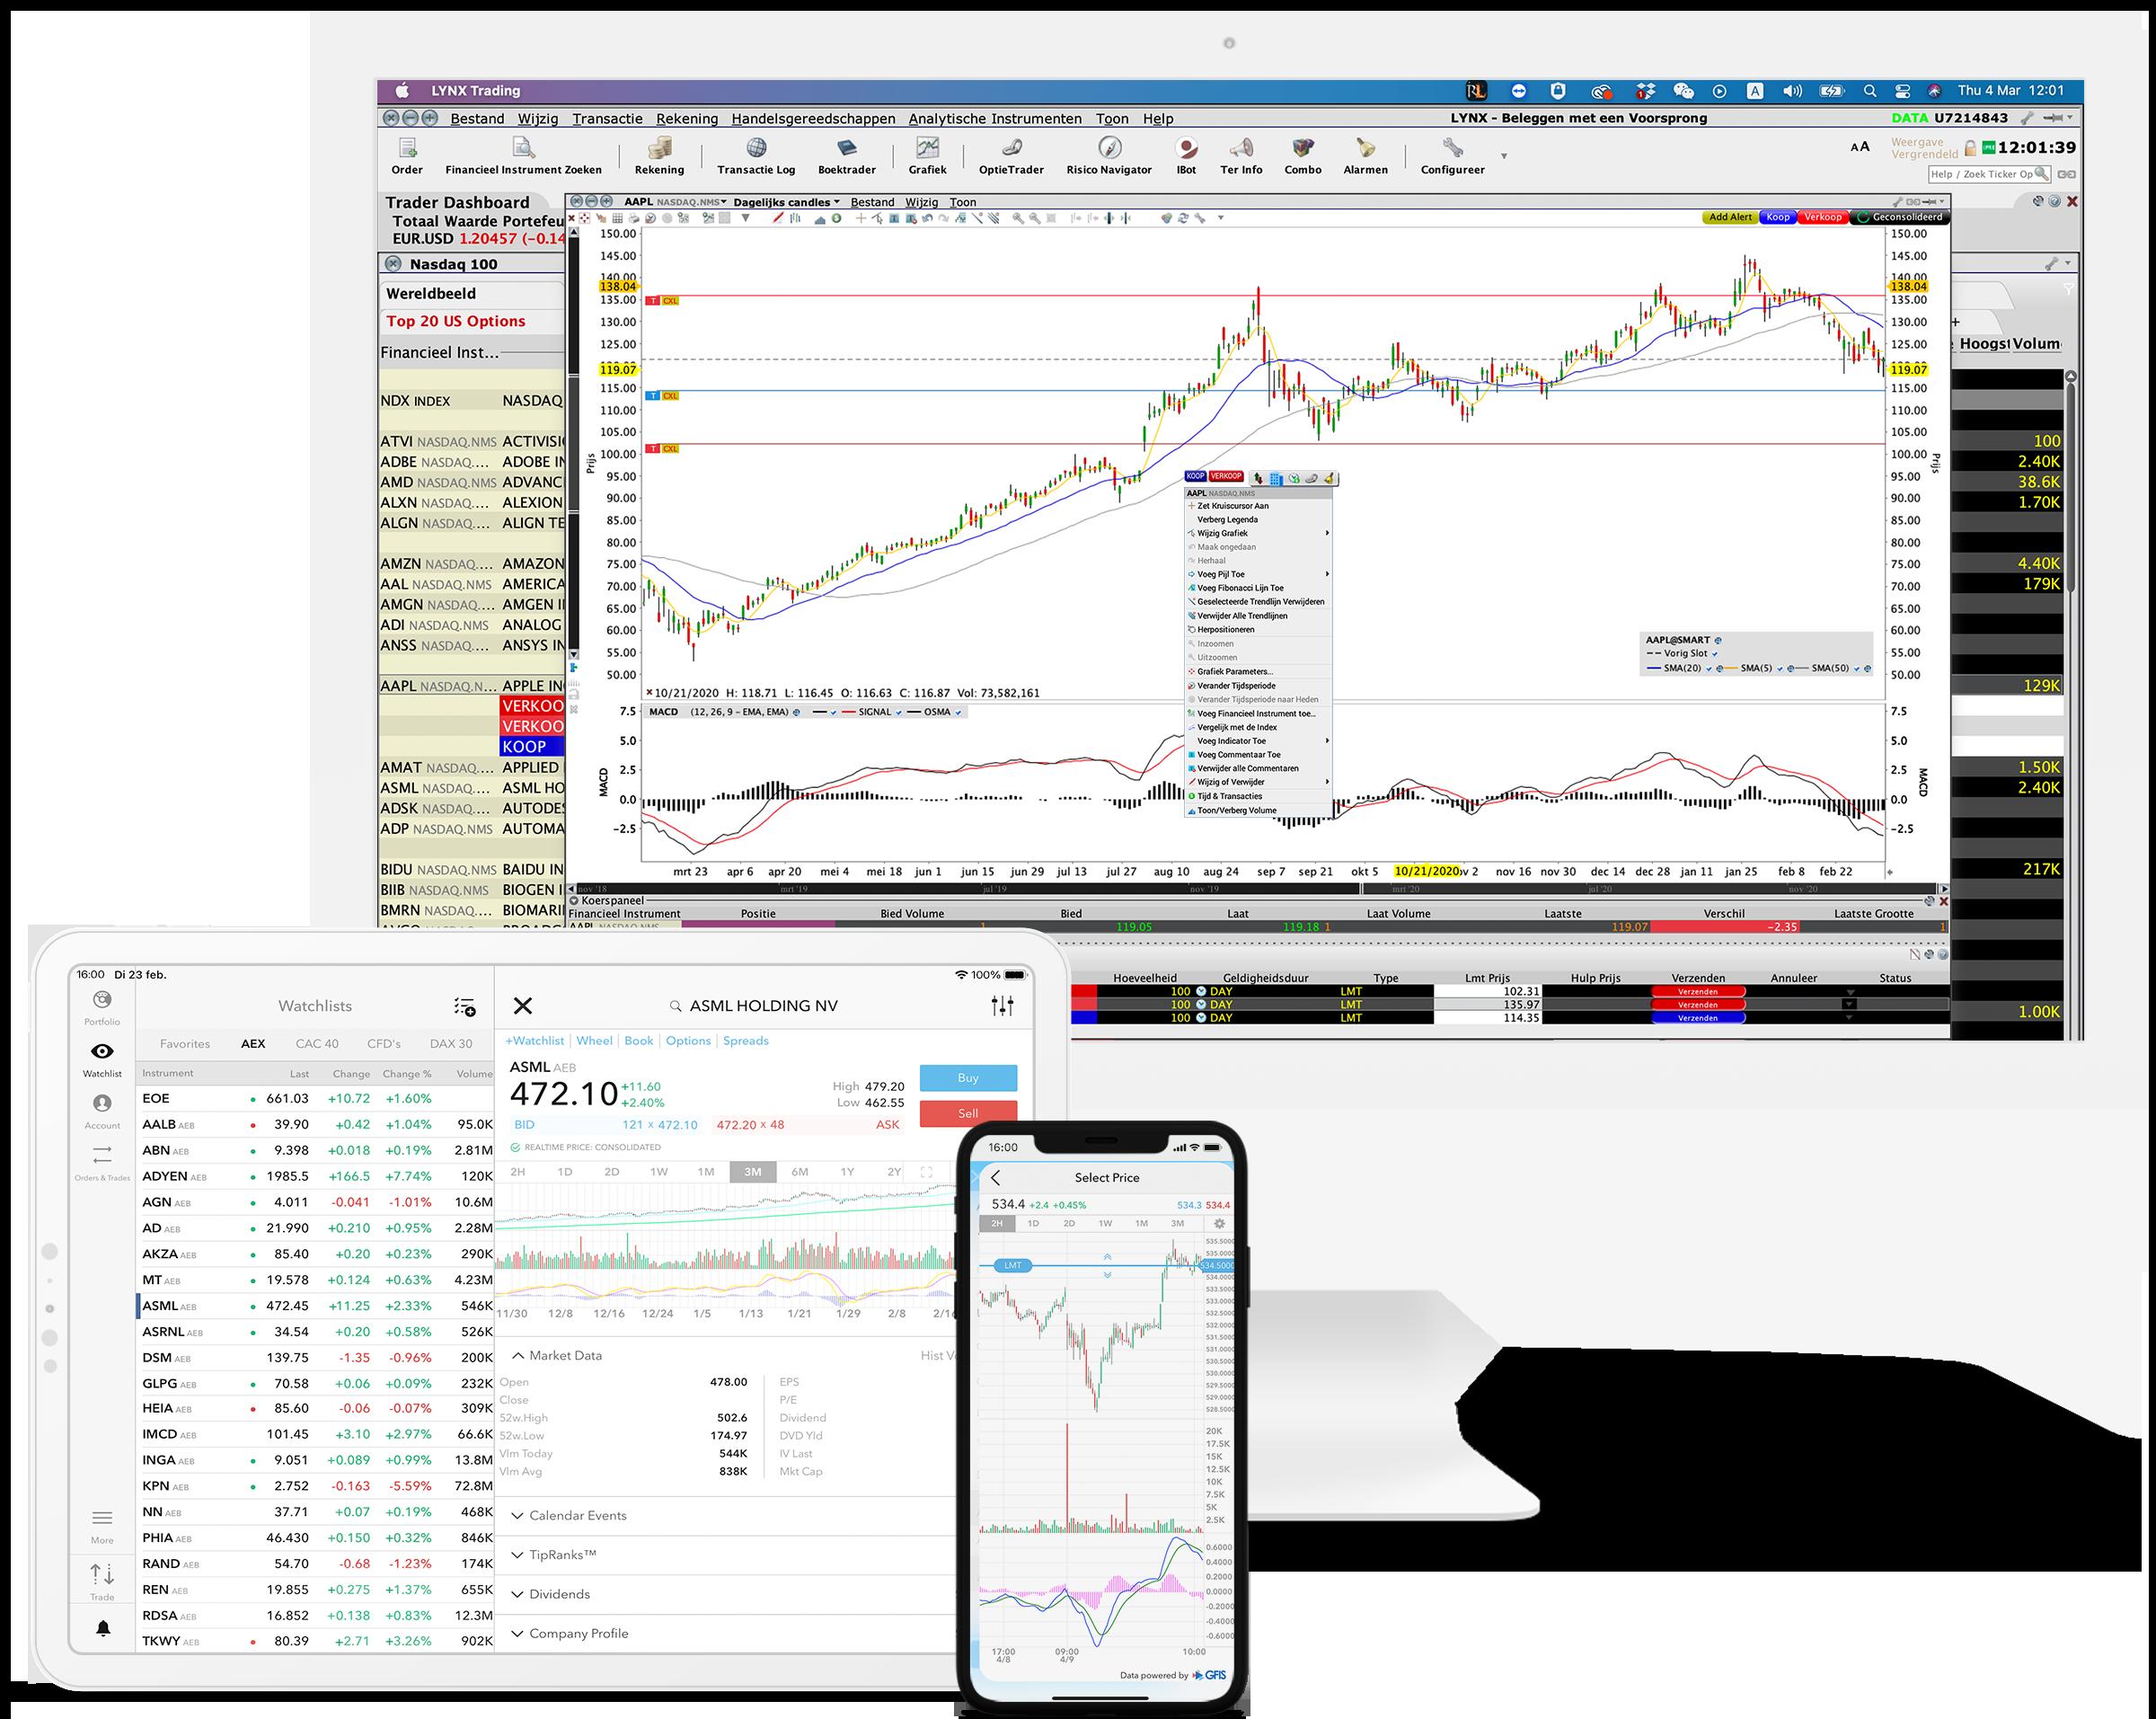 Het handelsplatform van Interactive Brokers in de Nederlandse taal